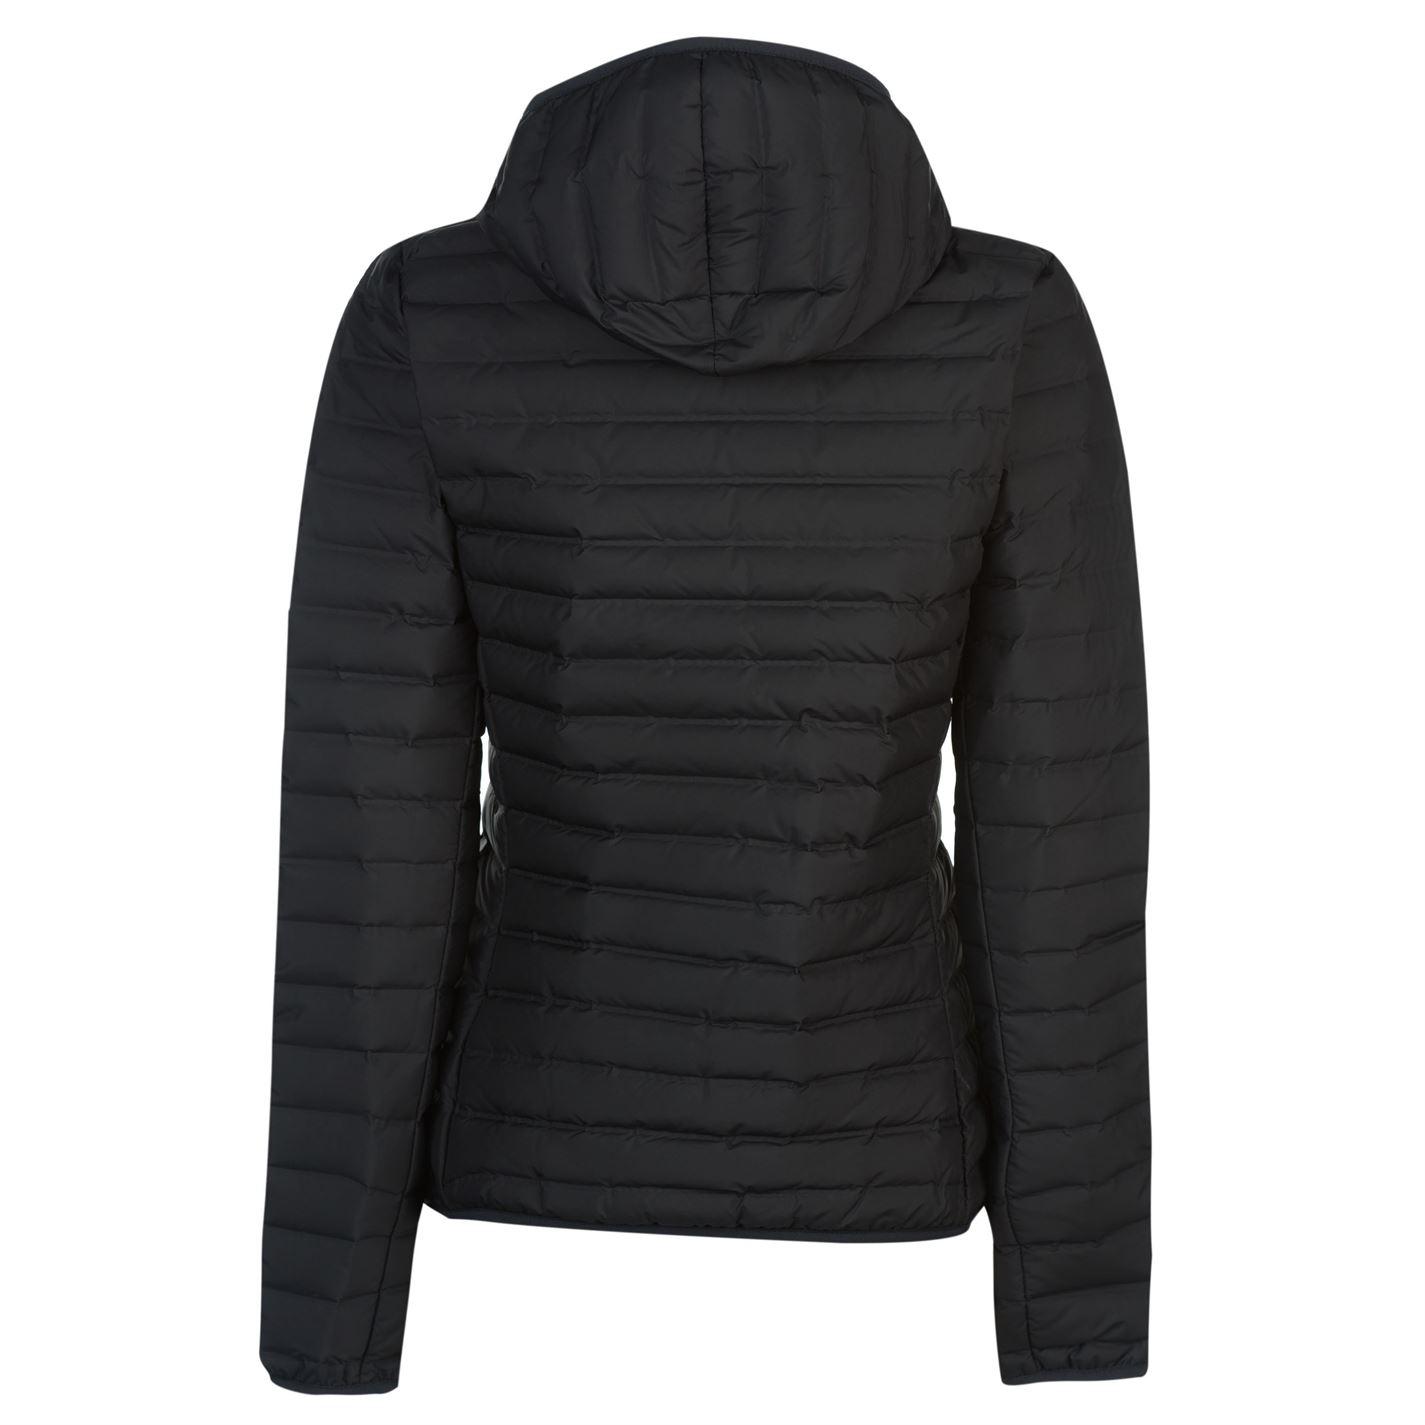 Veste Top À Femmes Pour Carbone Varilite Manteau Manche Manche Longue Capuche Adidas Puffer wE8Xn5qnx